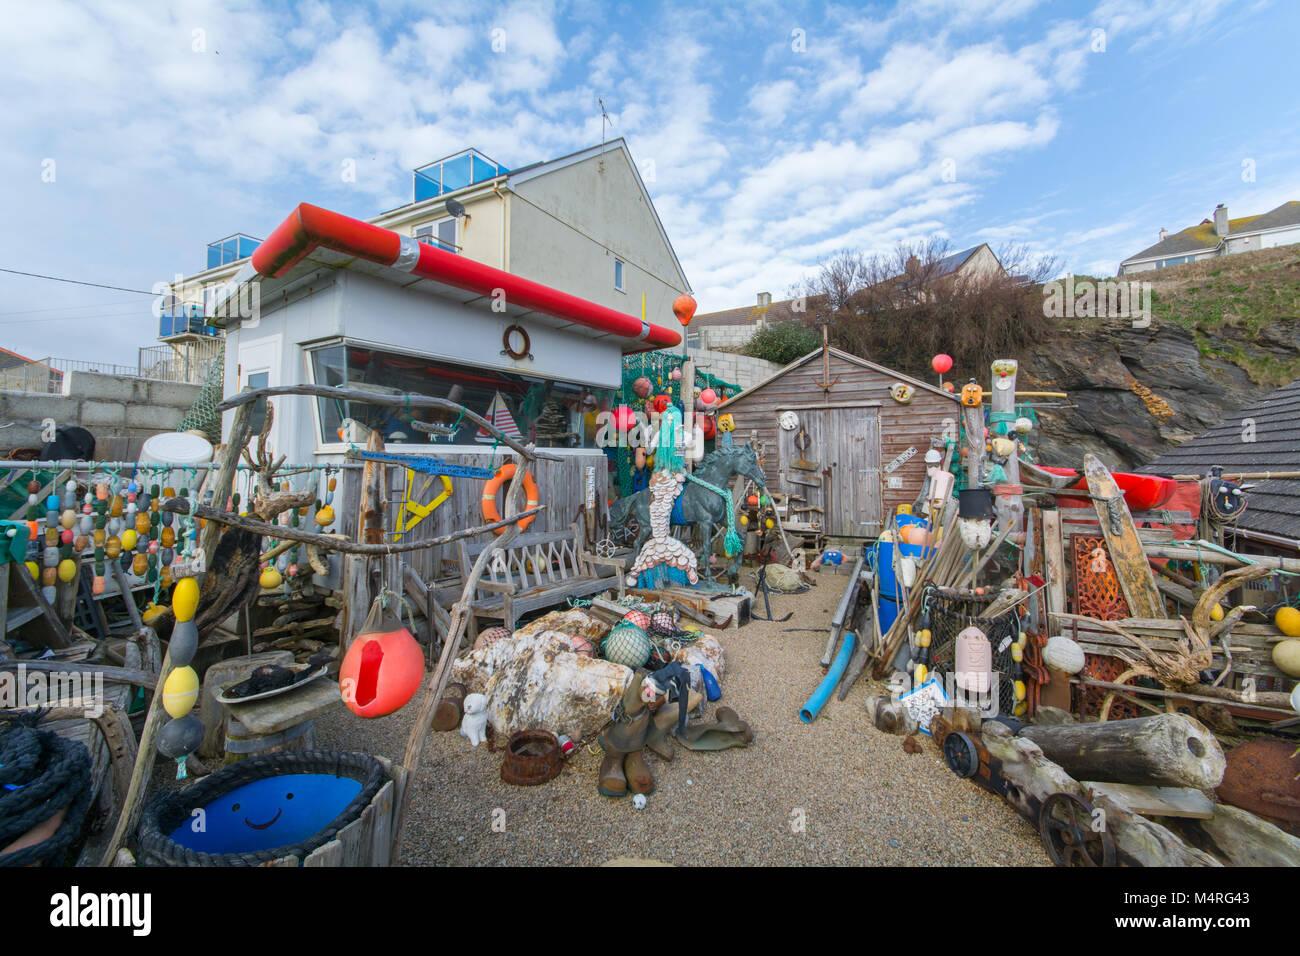 Bizzarre raccolta di elementi beachcombed e sculture in un cantiere nel centro di villeggiatura di Porthleven Cornovaglia Immagini Stock